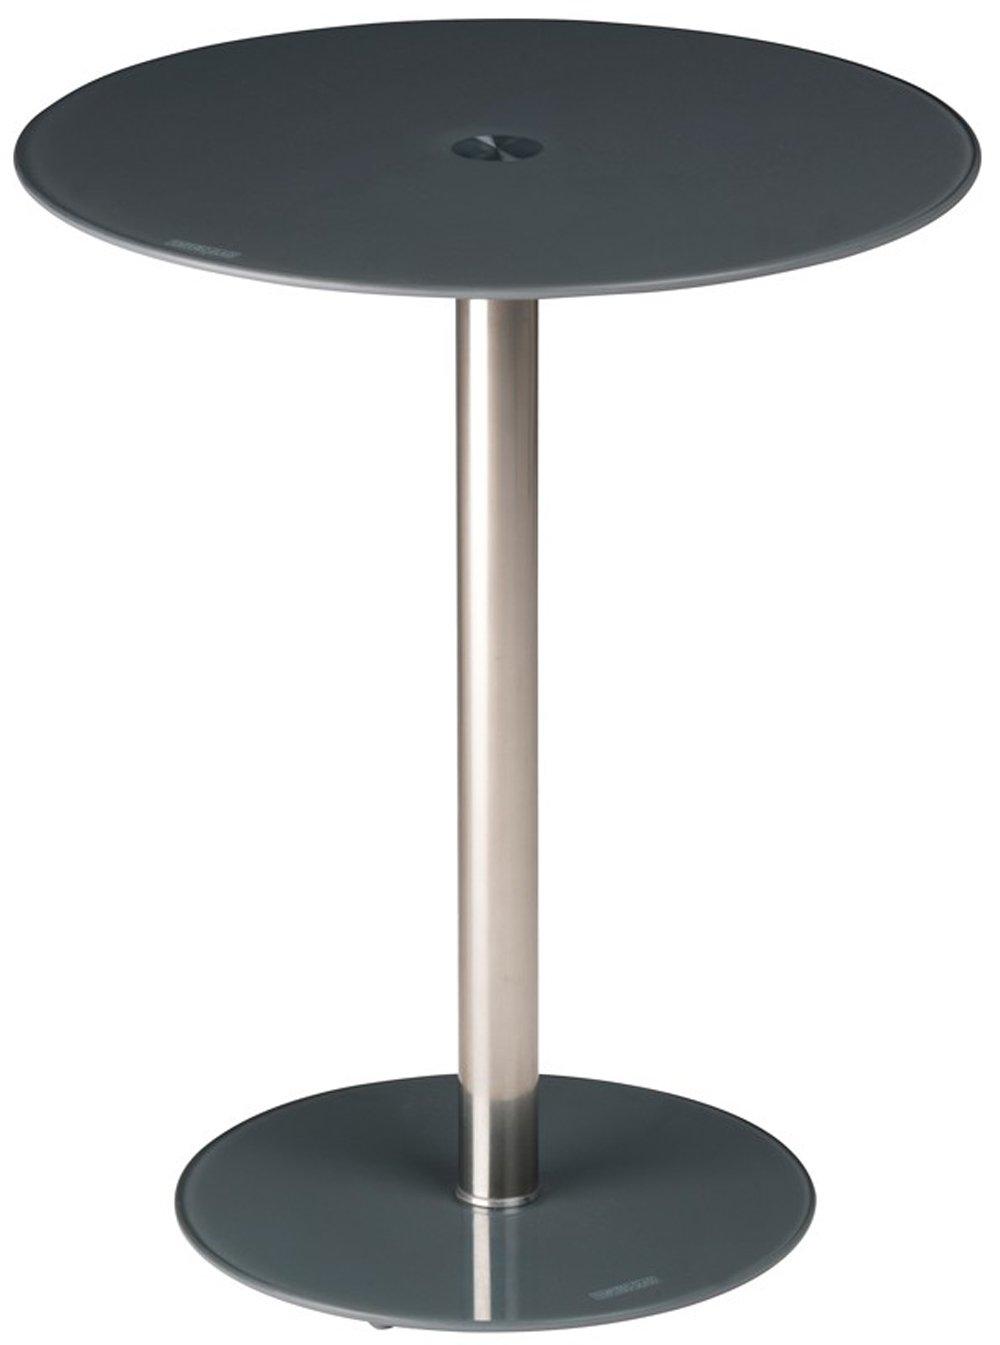 Tavolino in vetro temperato e acciaio da salotto camera da letto ufficio rotondo 43x51x5 cm grigio B60 Stylehome